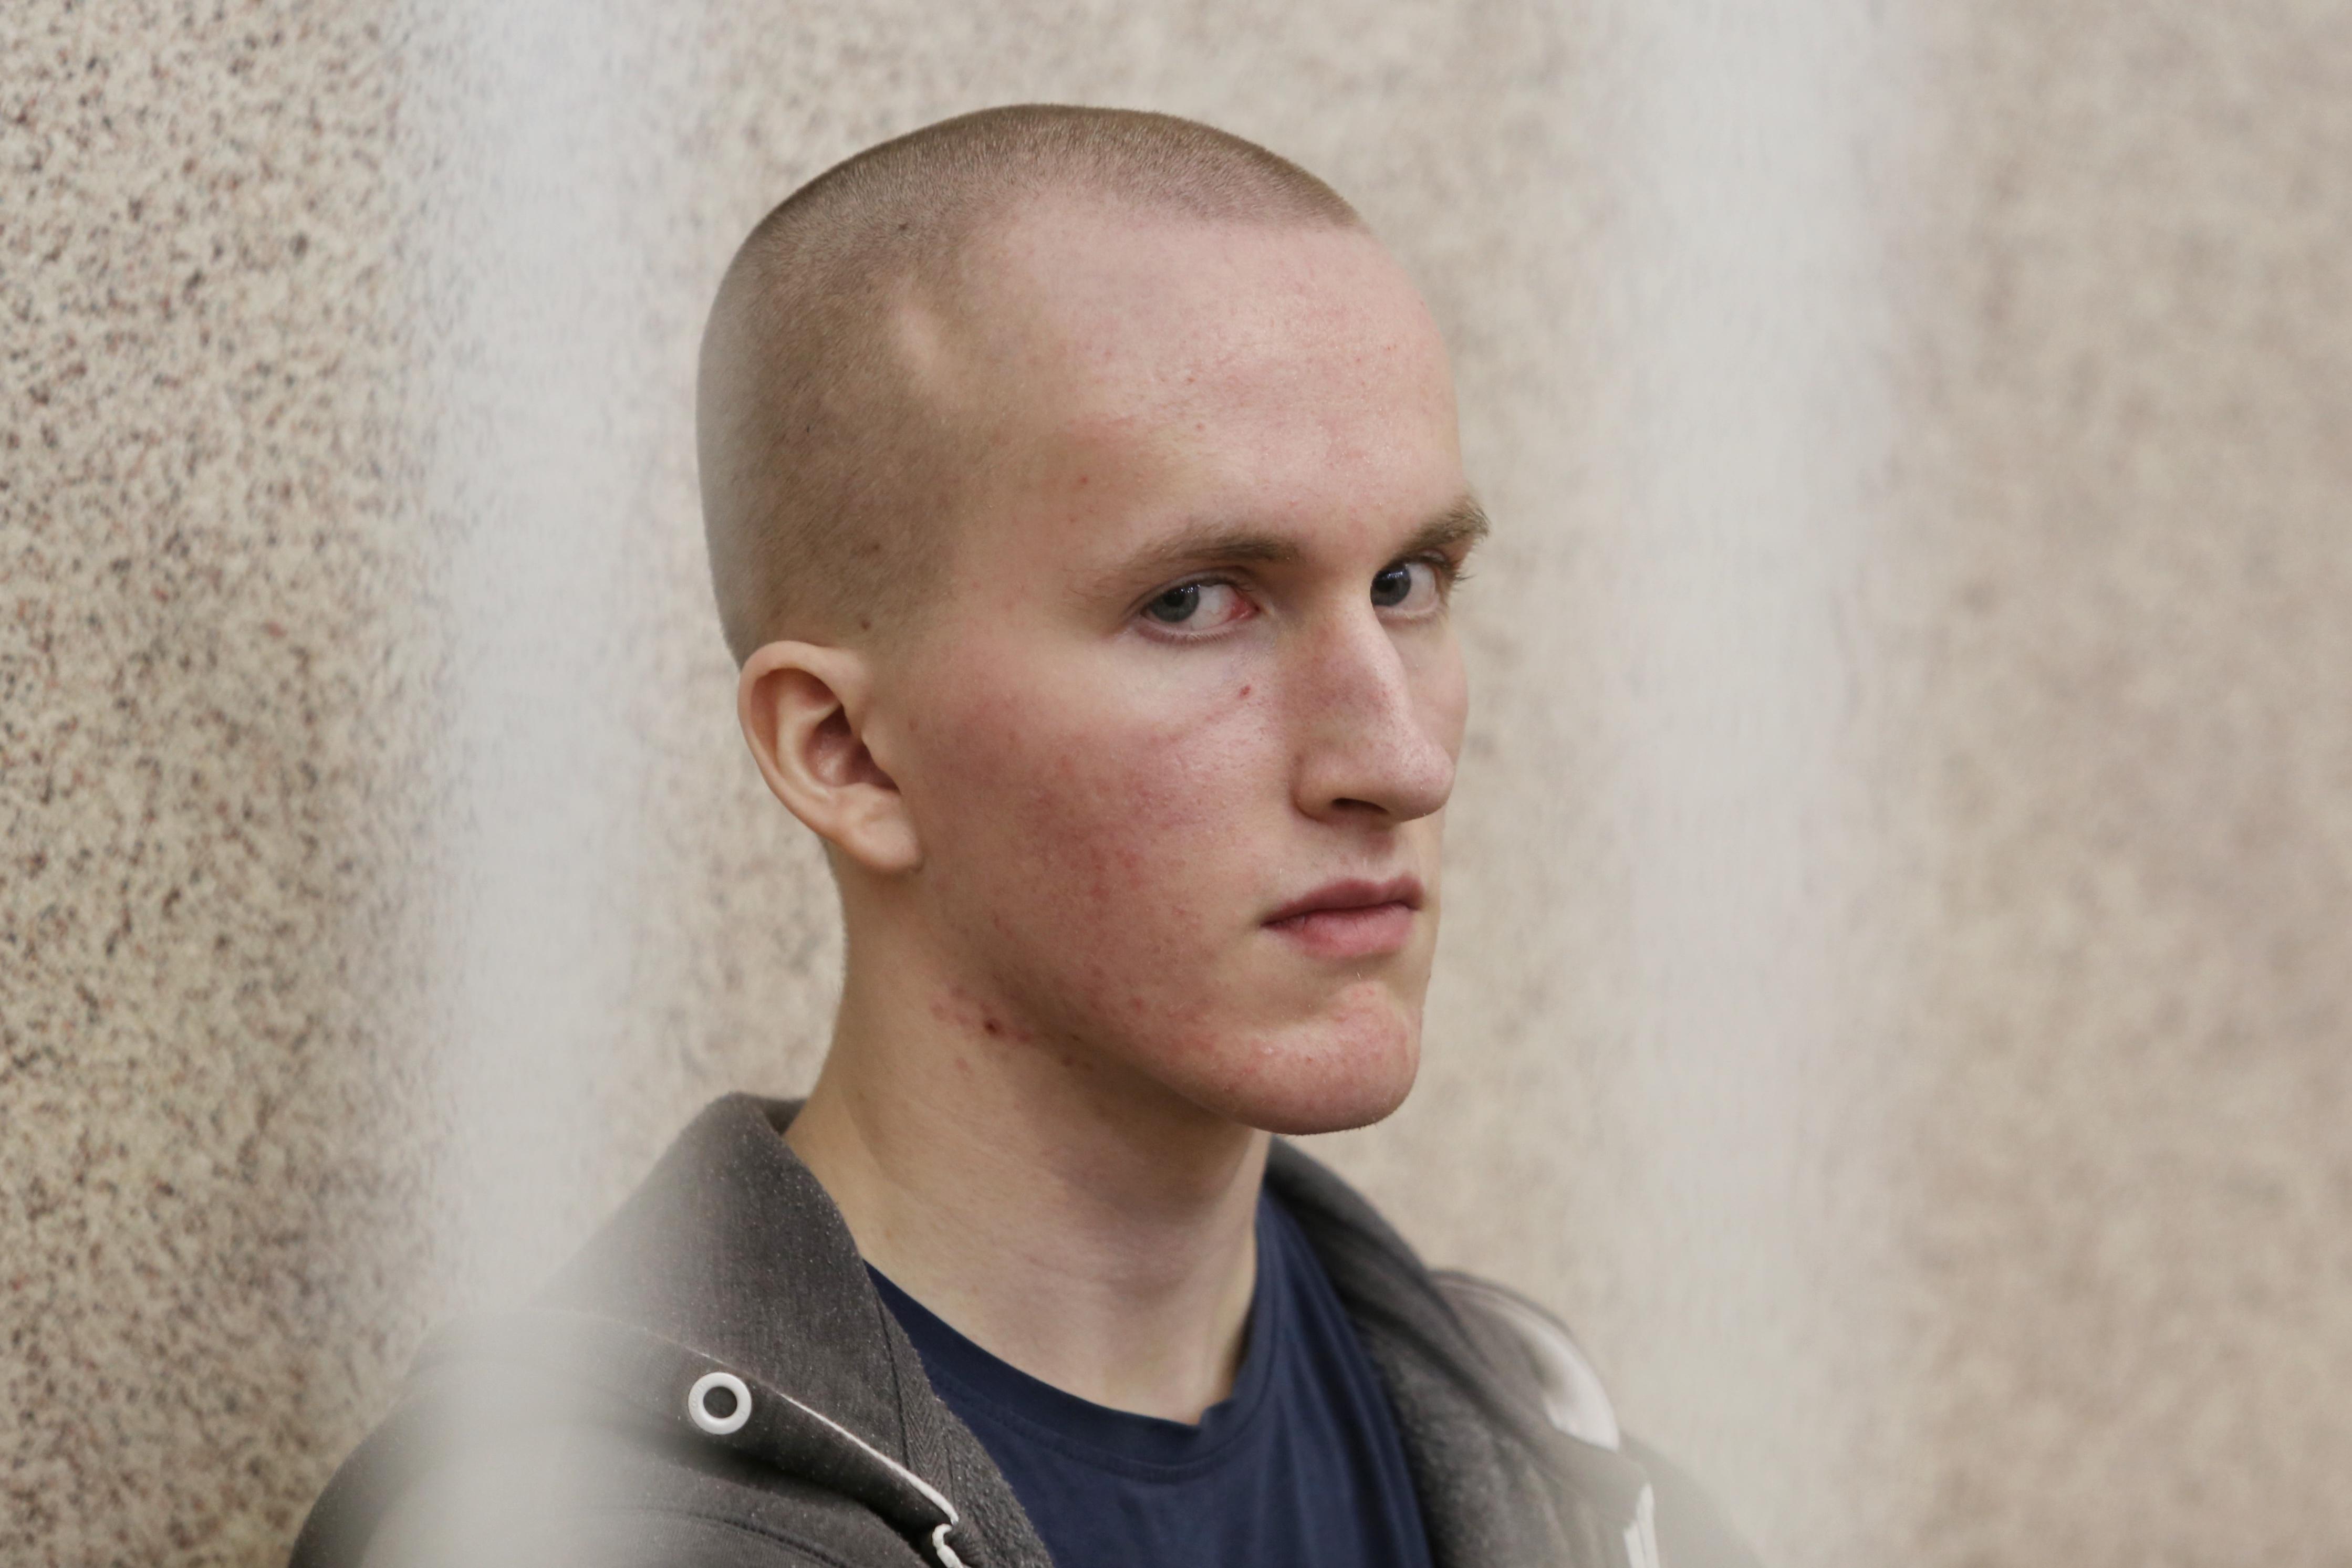 Судовы працэс над Уладам Казакевічам, які ўчыніў напад з бэнзапілой на гандлёвы цэнтар «Эўропа». Вынясеньне прысуду